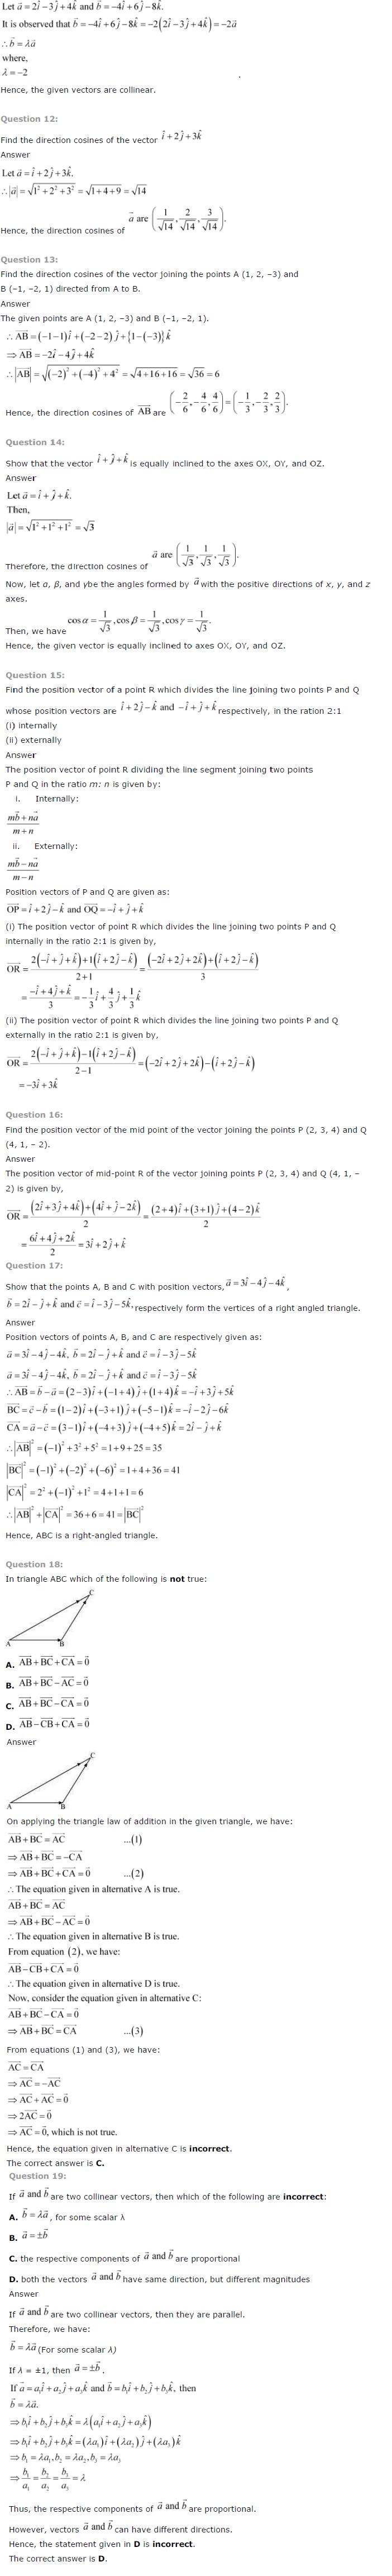 NCERT Solutions for Class 12 Maths Chapter 10 Vector Algebra ex10.2